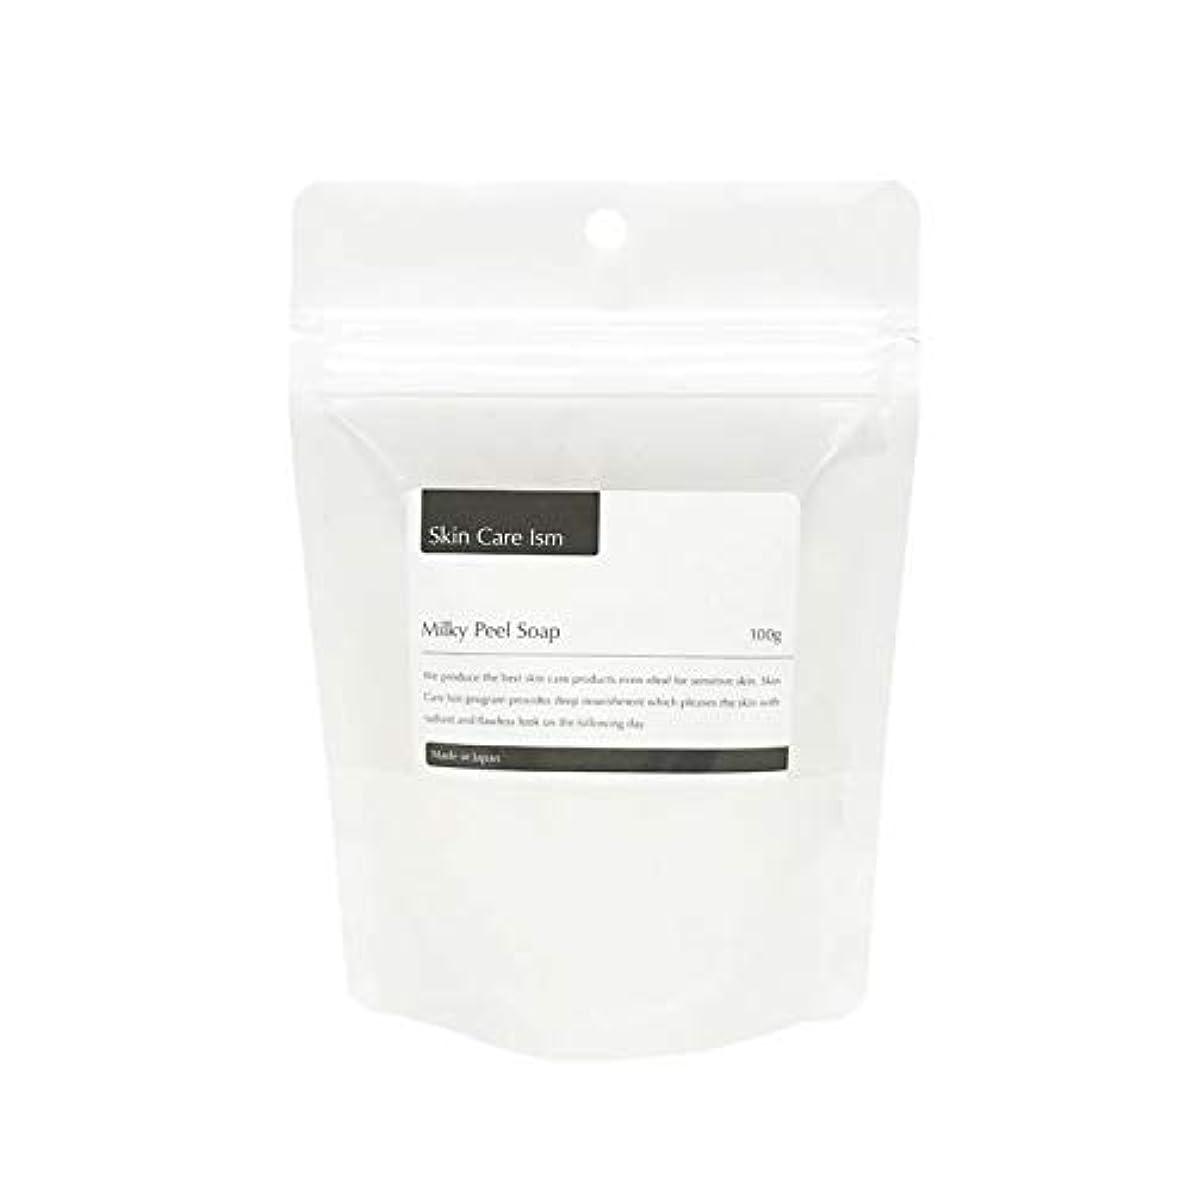 血びっくりする生き物【Skin Care Ism / Milky Peel Soap】スキンケアイズム?ミルキーピールソープ